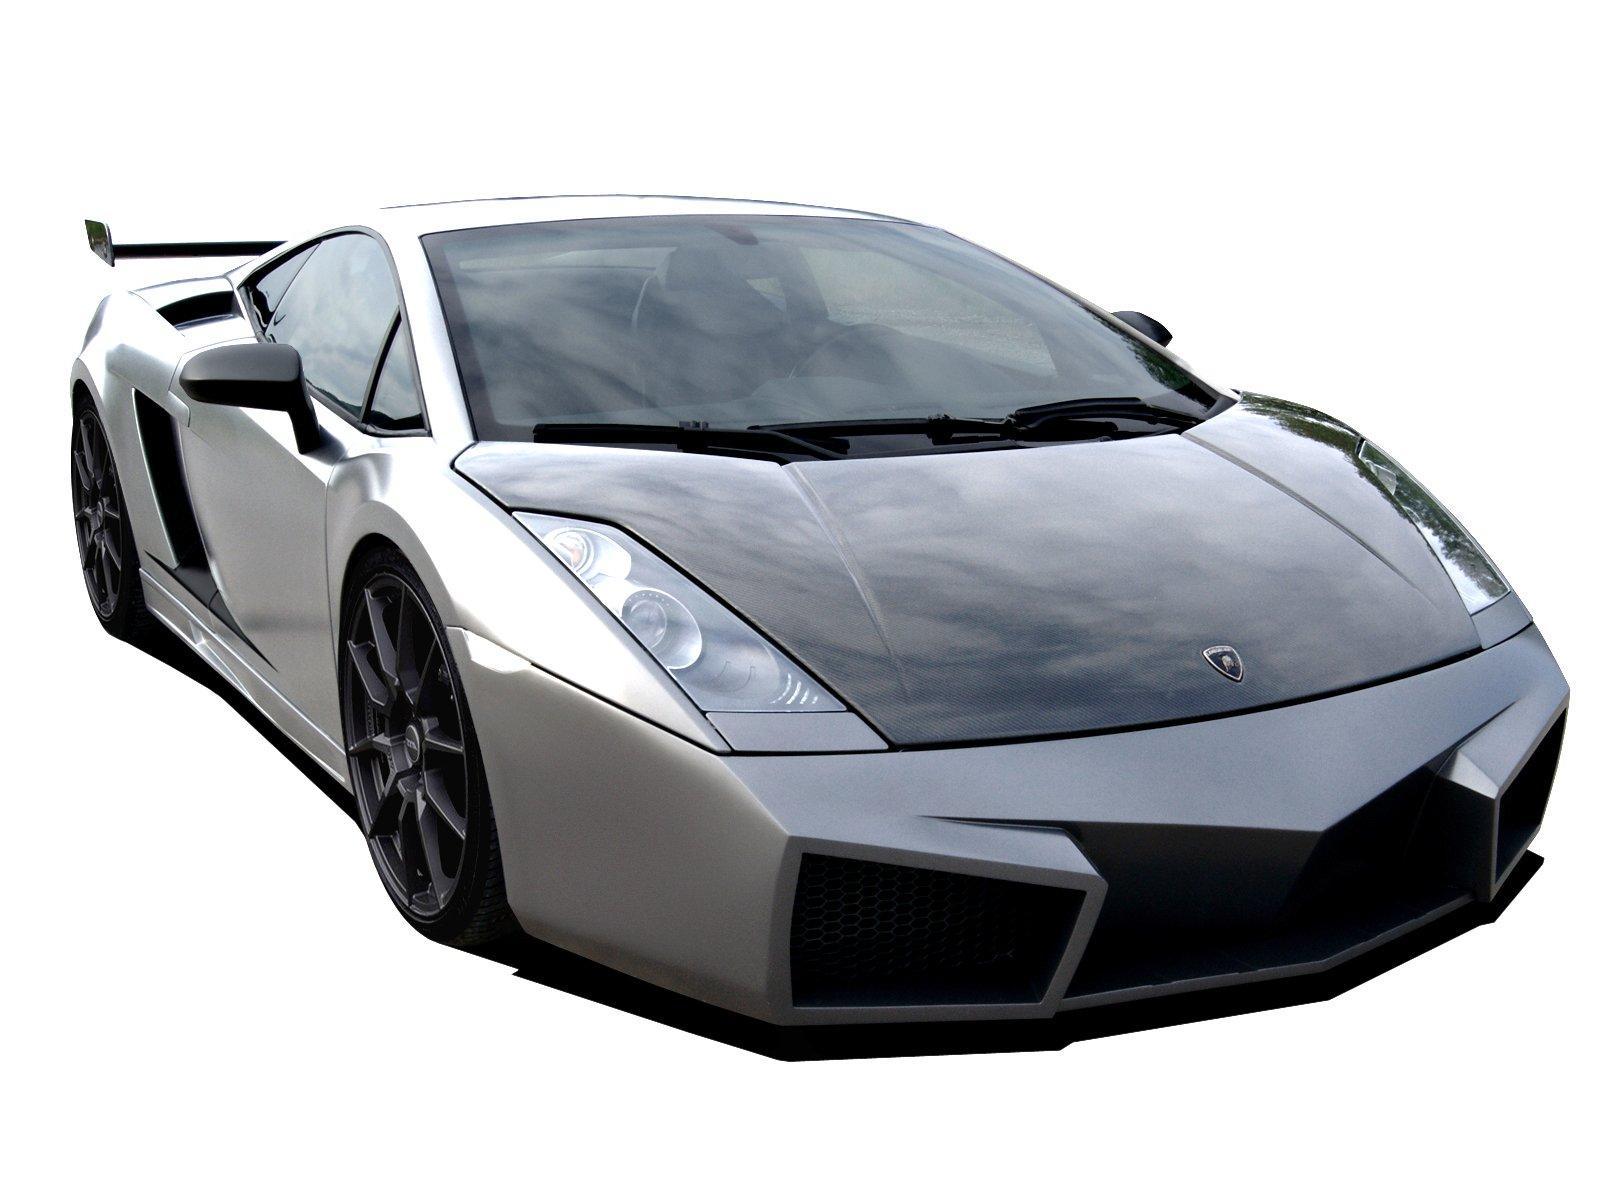 Lamborghini Gallardo od Cosa Design 1